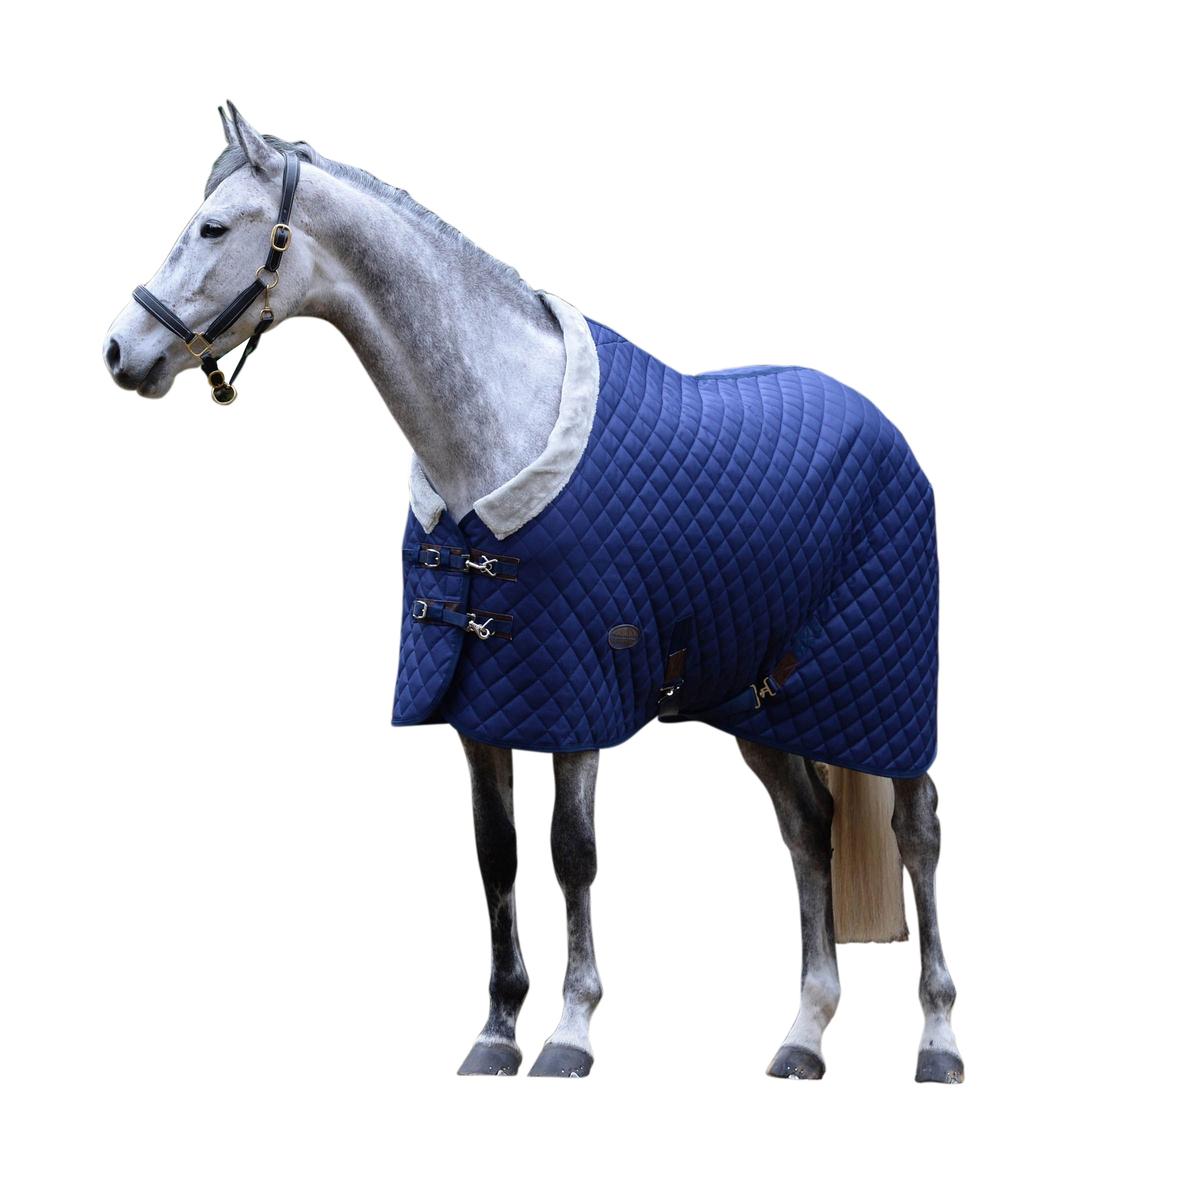 (ウェザビータ) Weatherbeeta 馬用 Comfitec デラックス ダイアモンドキルト スタンダードネック ヘビー ステーブルラグ 馬着 乗馬 ホースライディング 【海外直送】